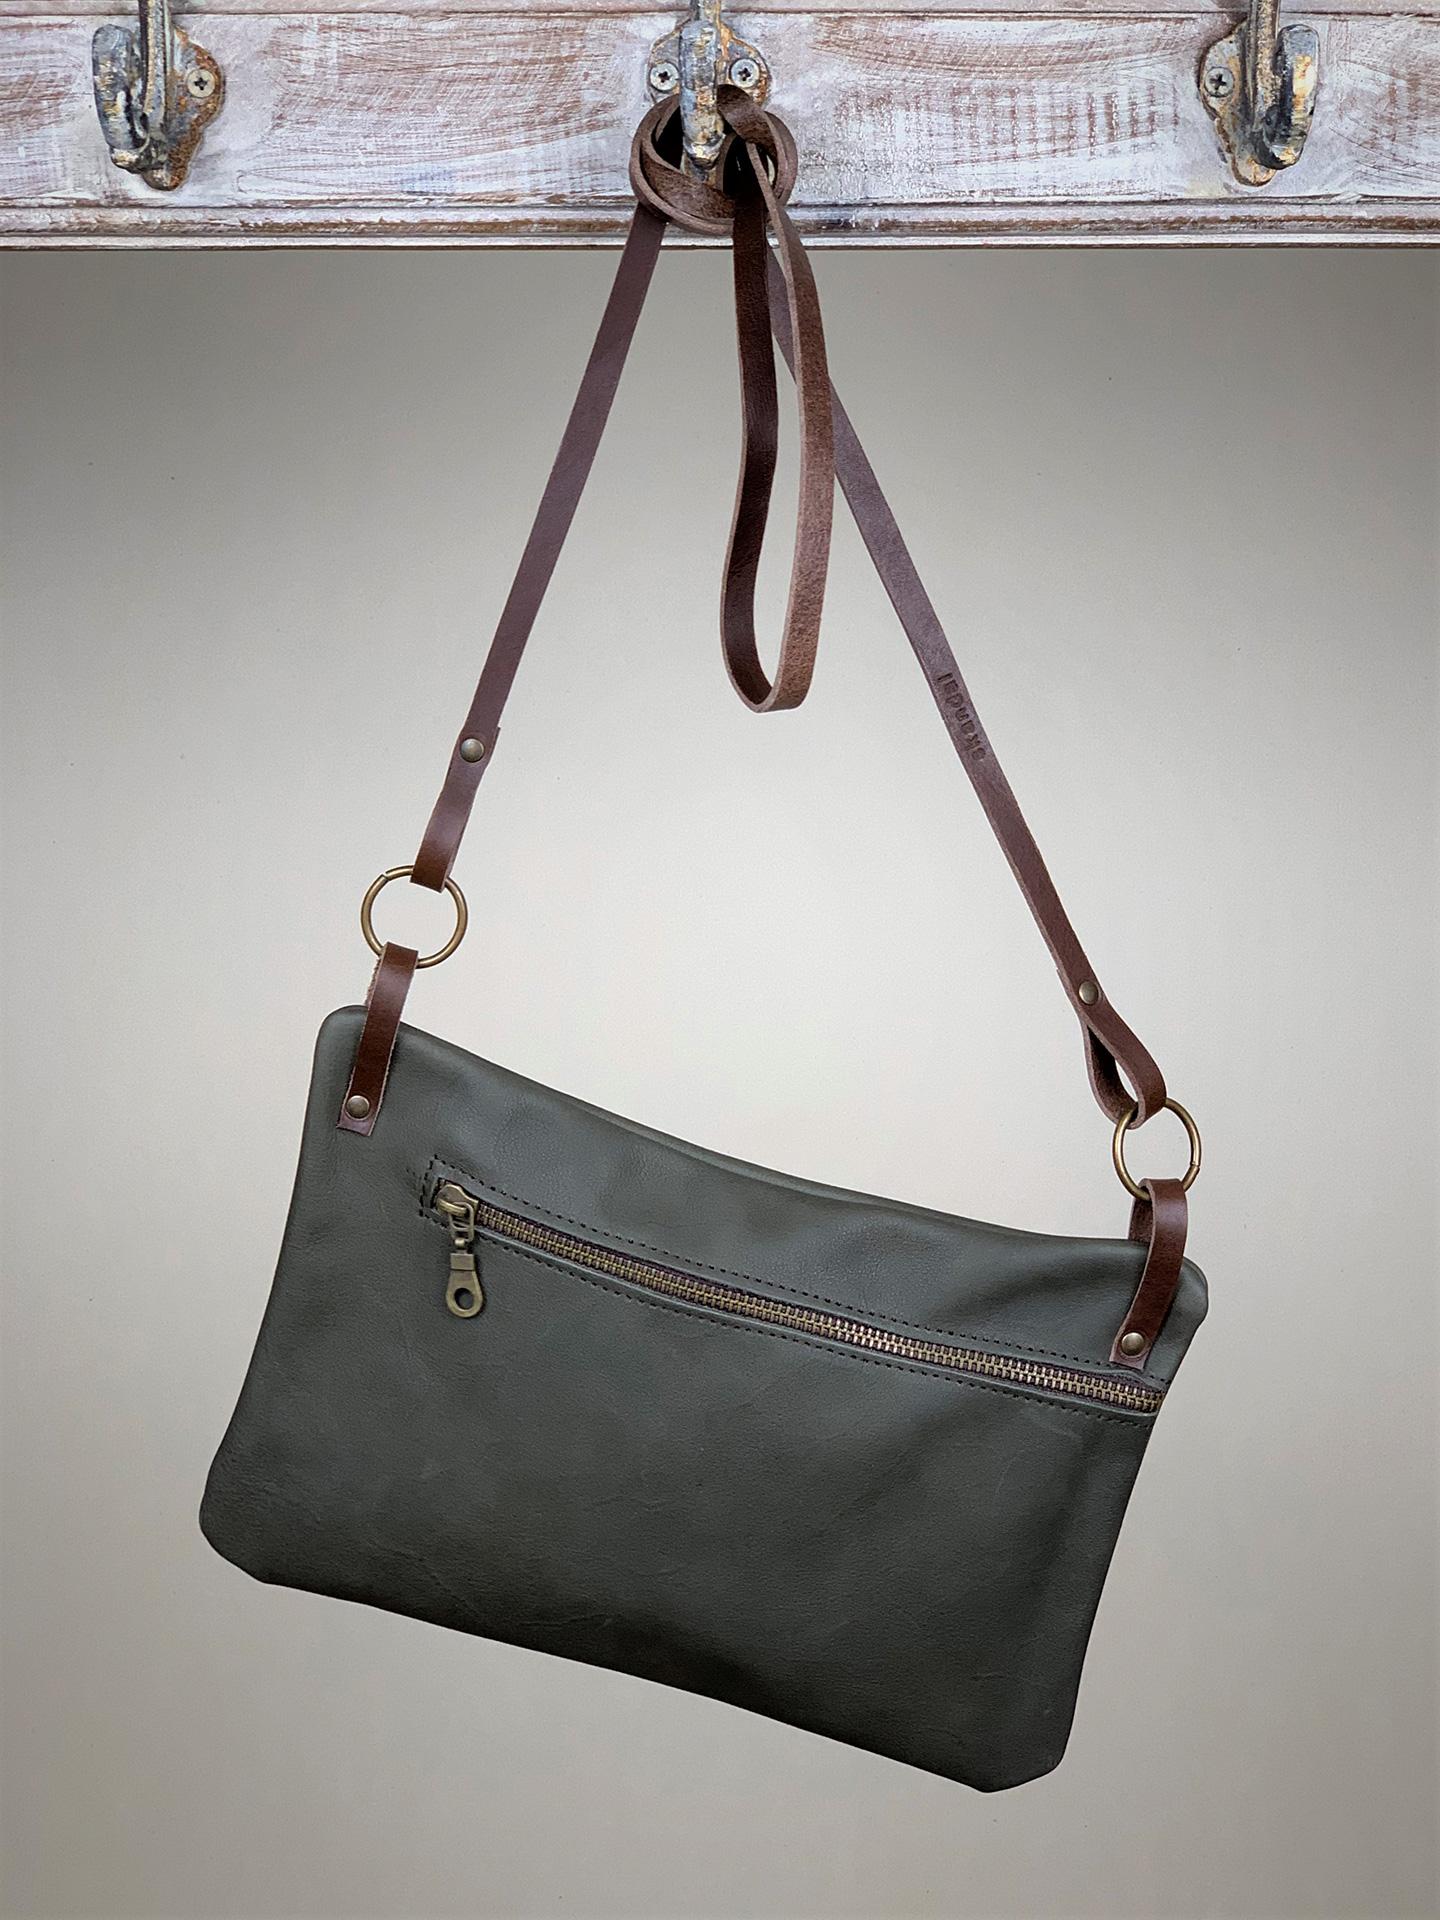 Damen-Handtasche klein Leder anthrazit